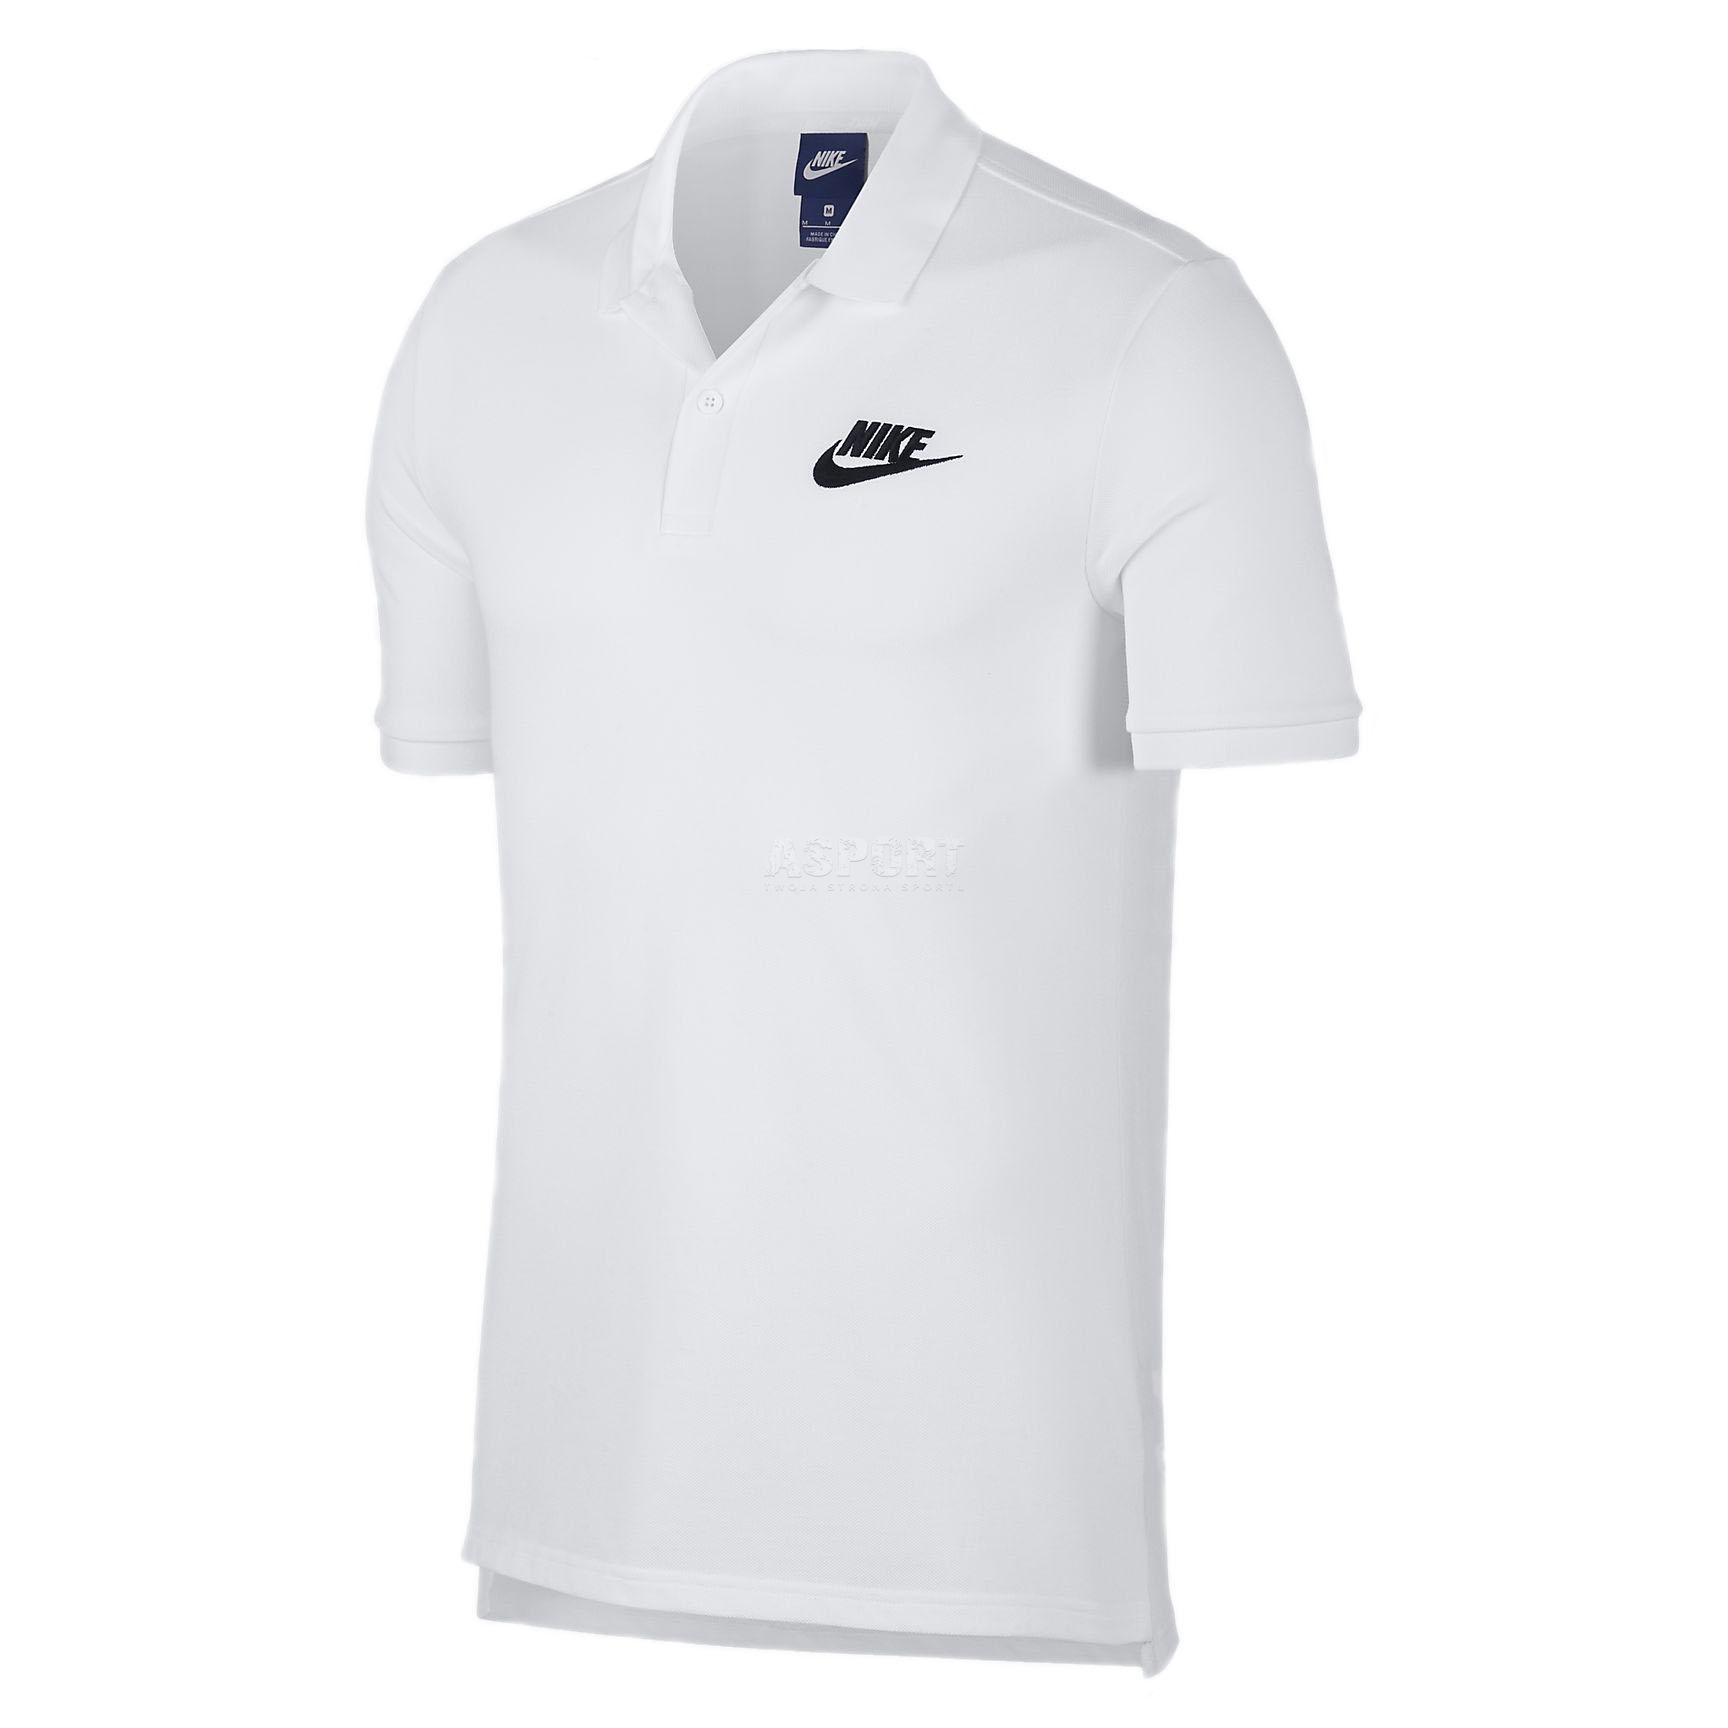 feb287236454f8 Koszulka męska polo, polówka, turystyczna, uniwersalna 909746 Nike ...